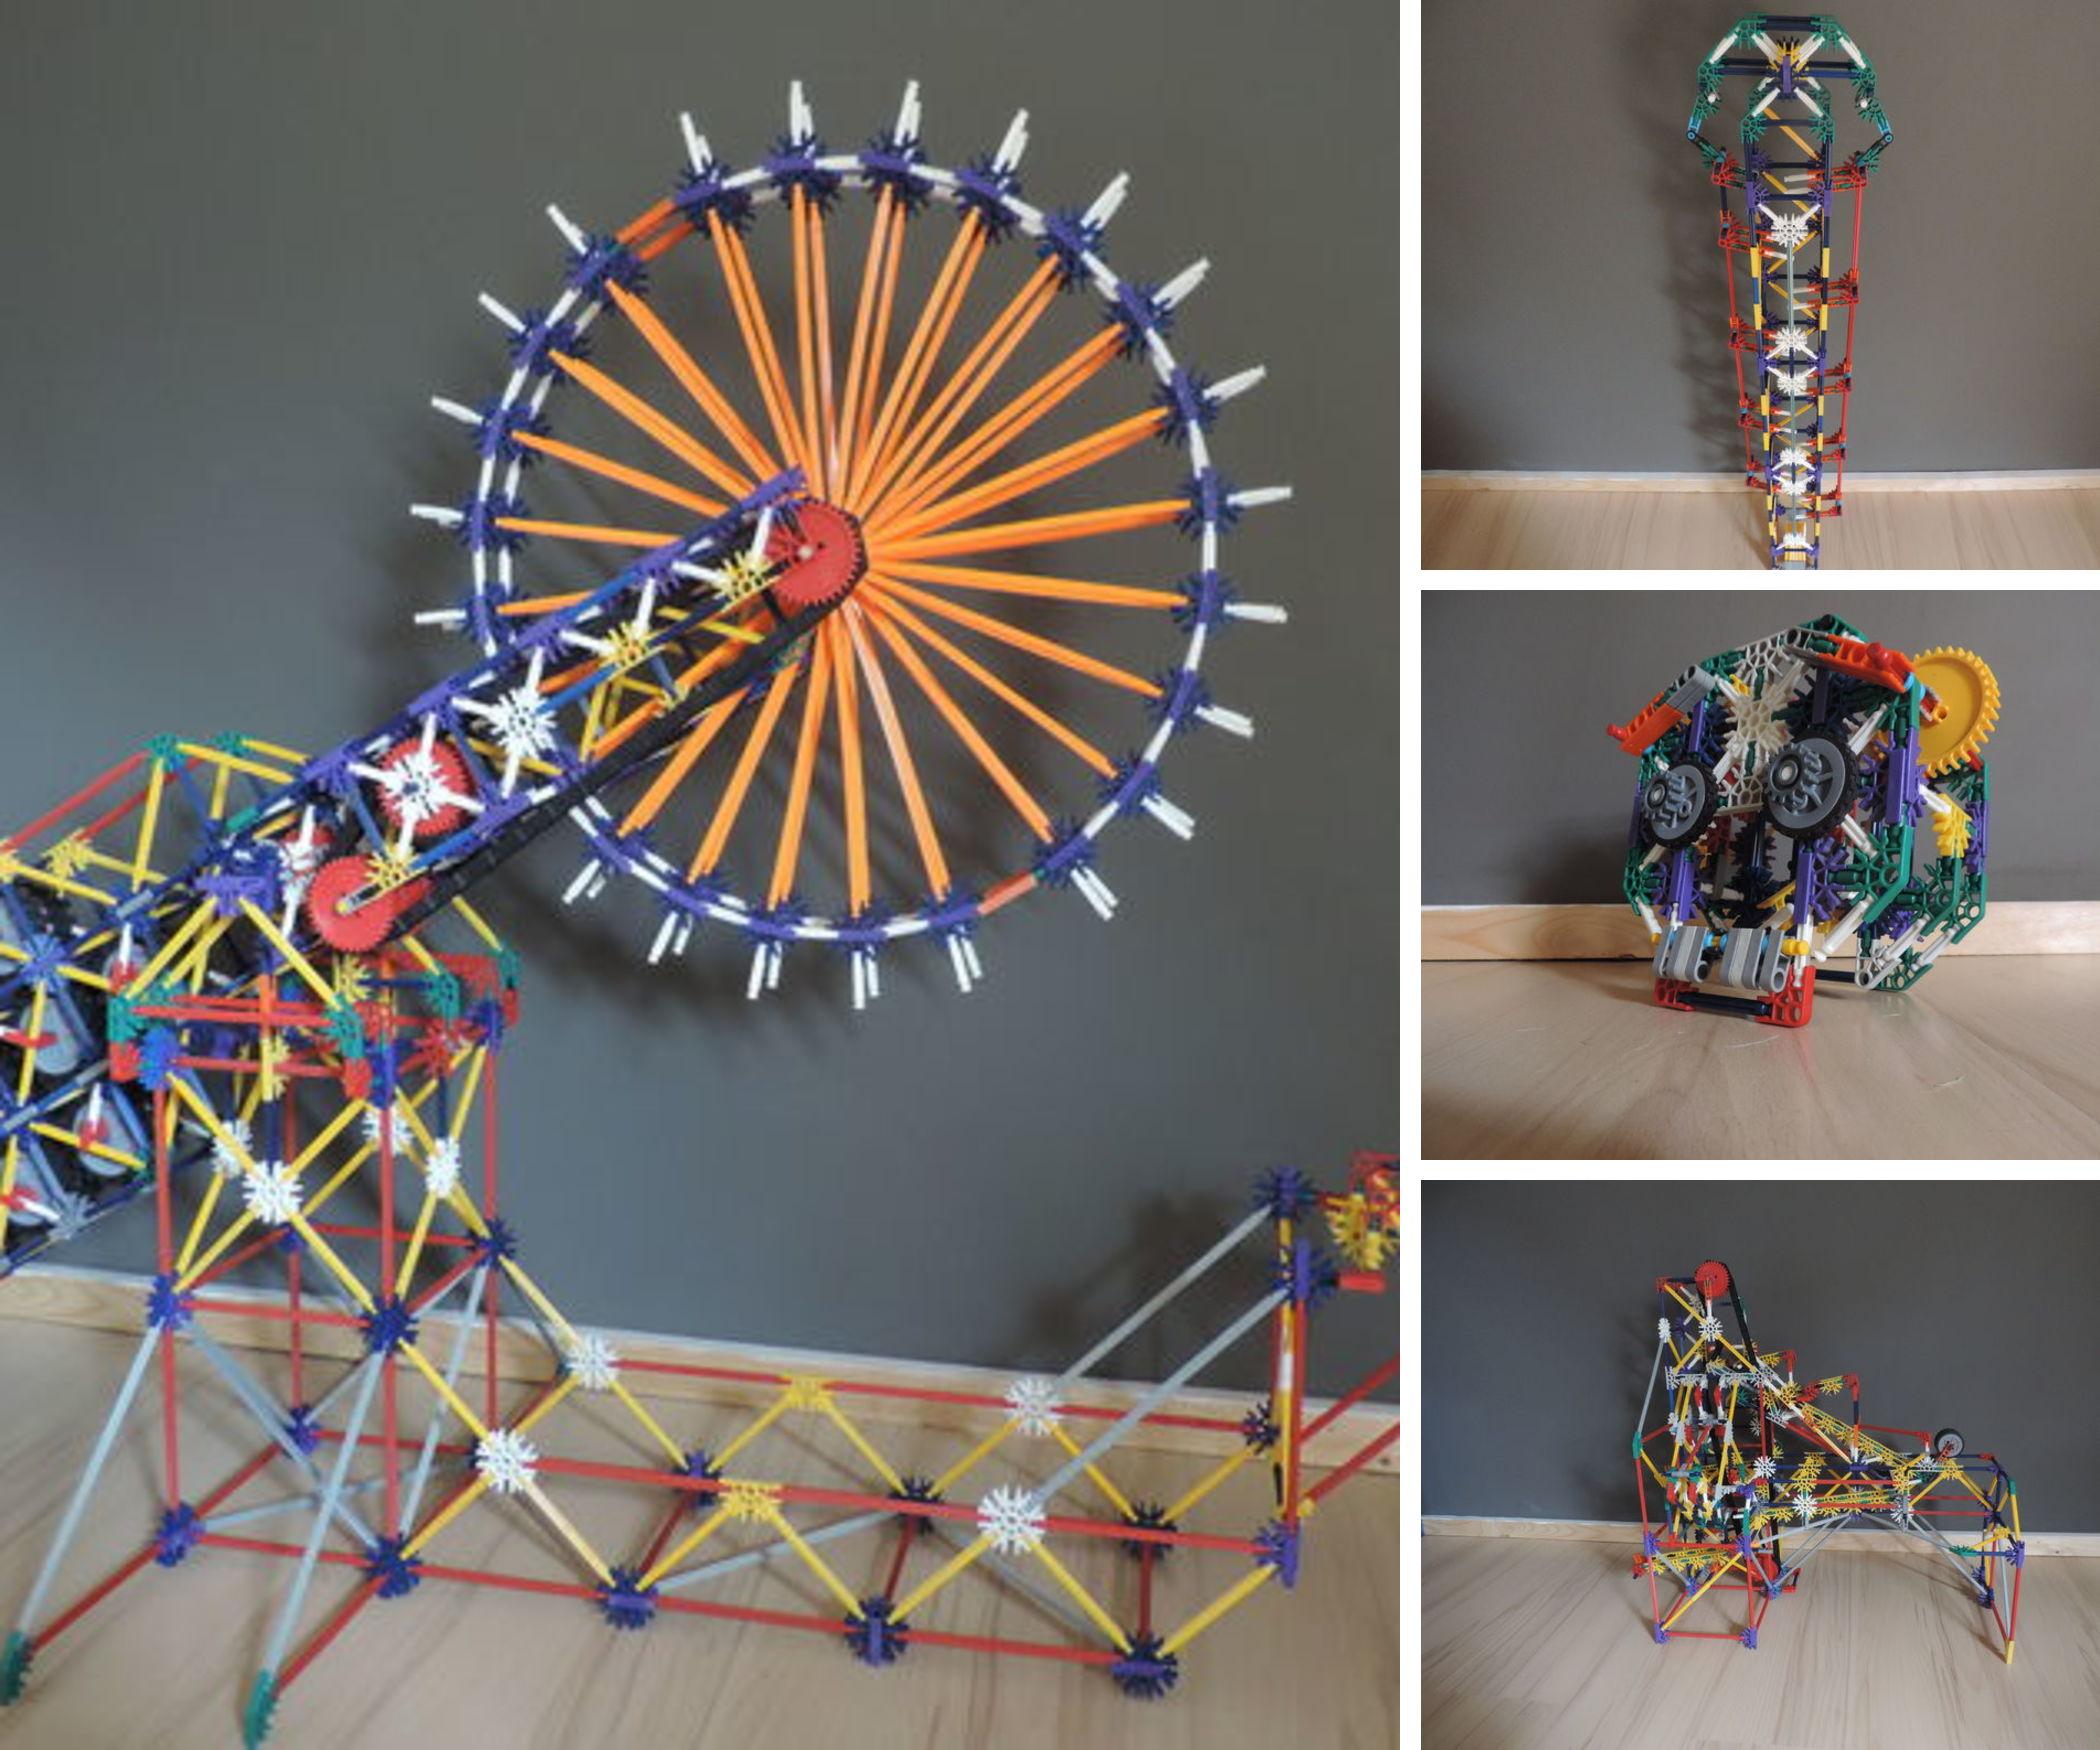 Thibault Art K'nex Ball Machine Elements